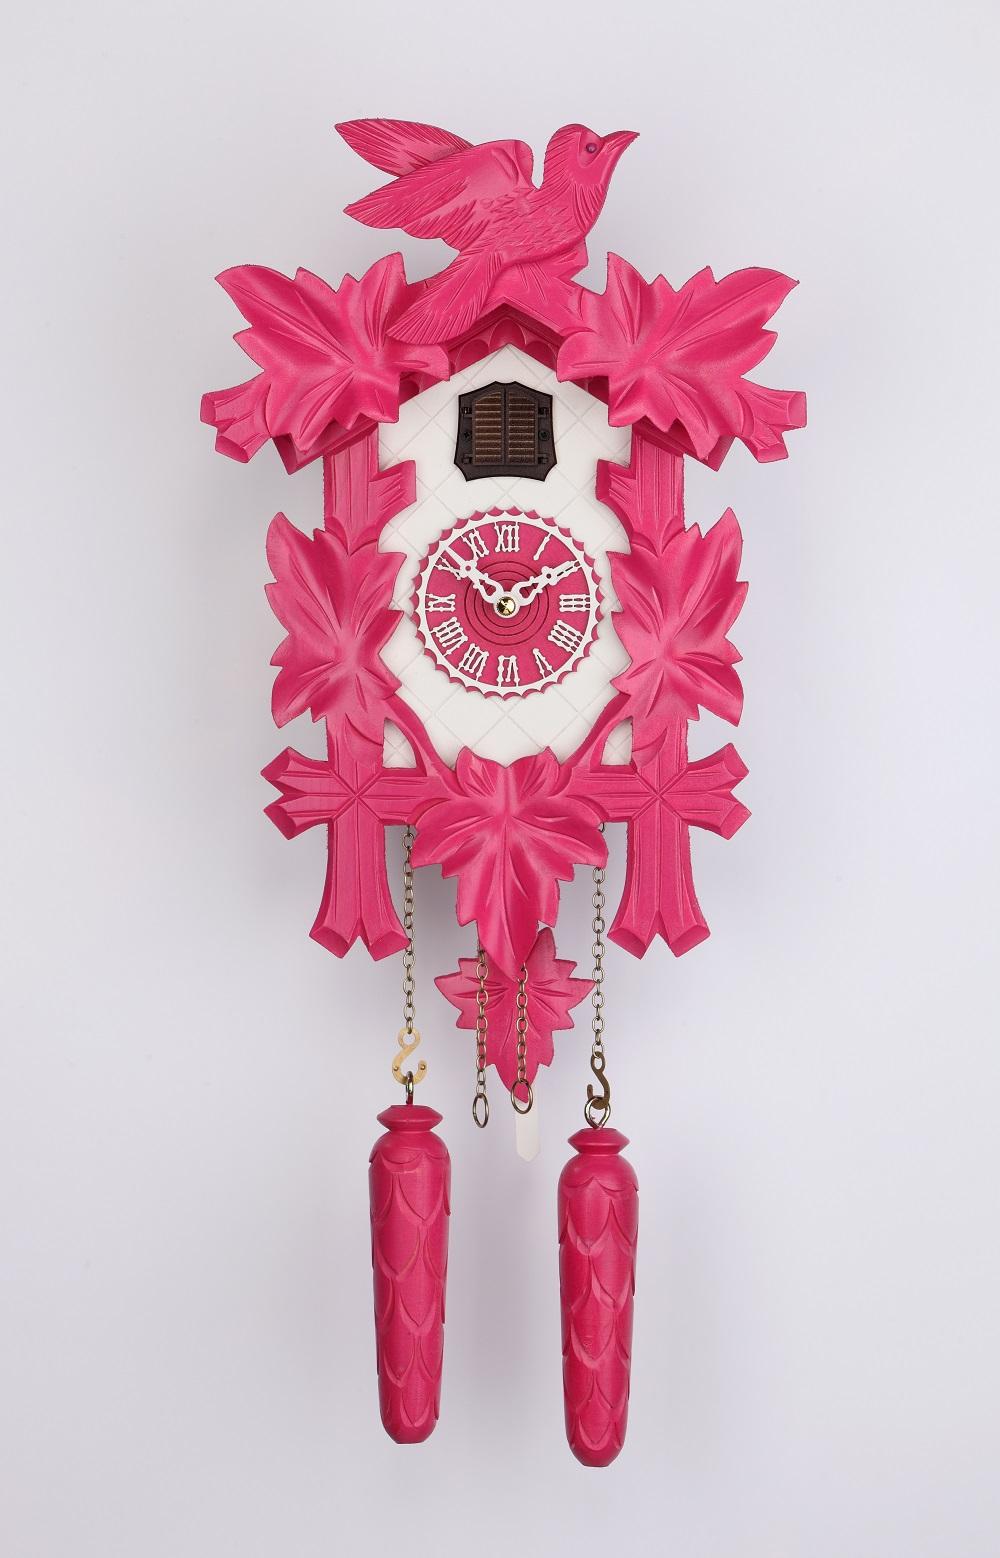 schwarzwald kuckucksuhren online shop quarz kuckucksuhr 32cm f nflaub pink wei online kaufen. Black Bedroom Furniture Sets. Home Design Ideas